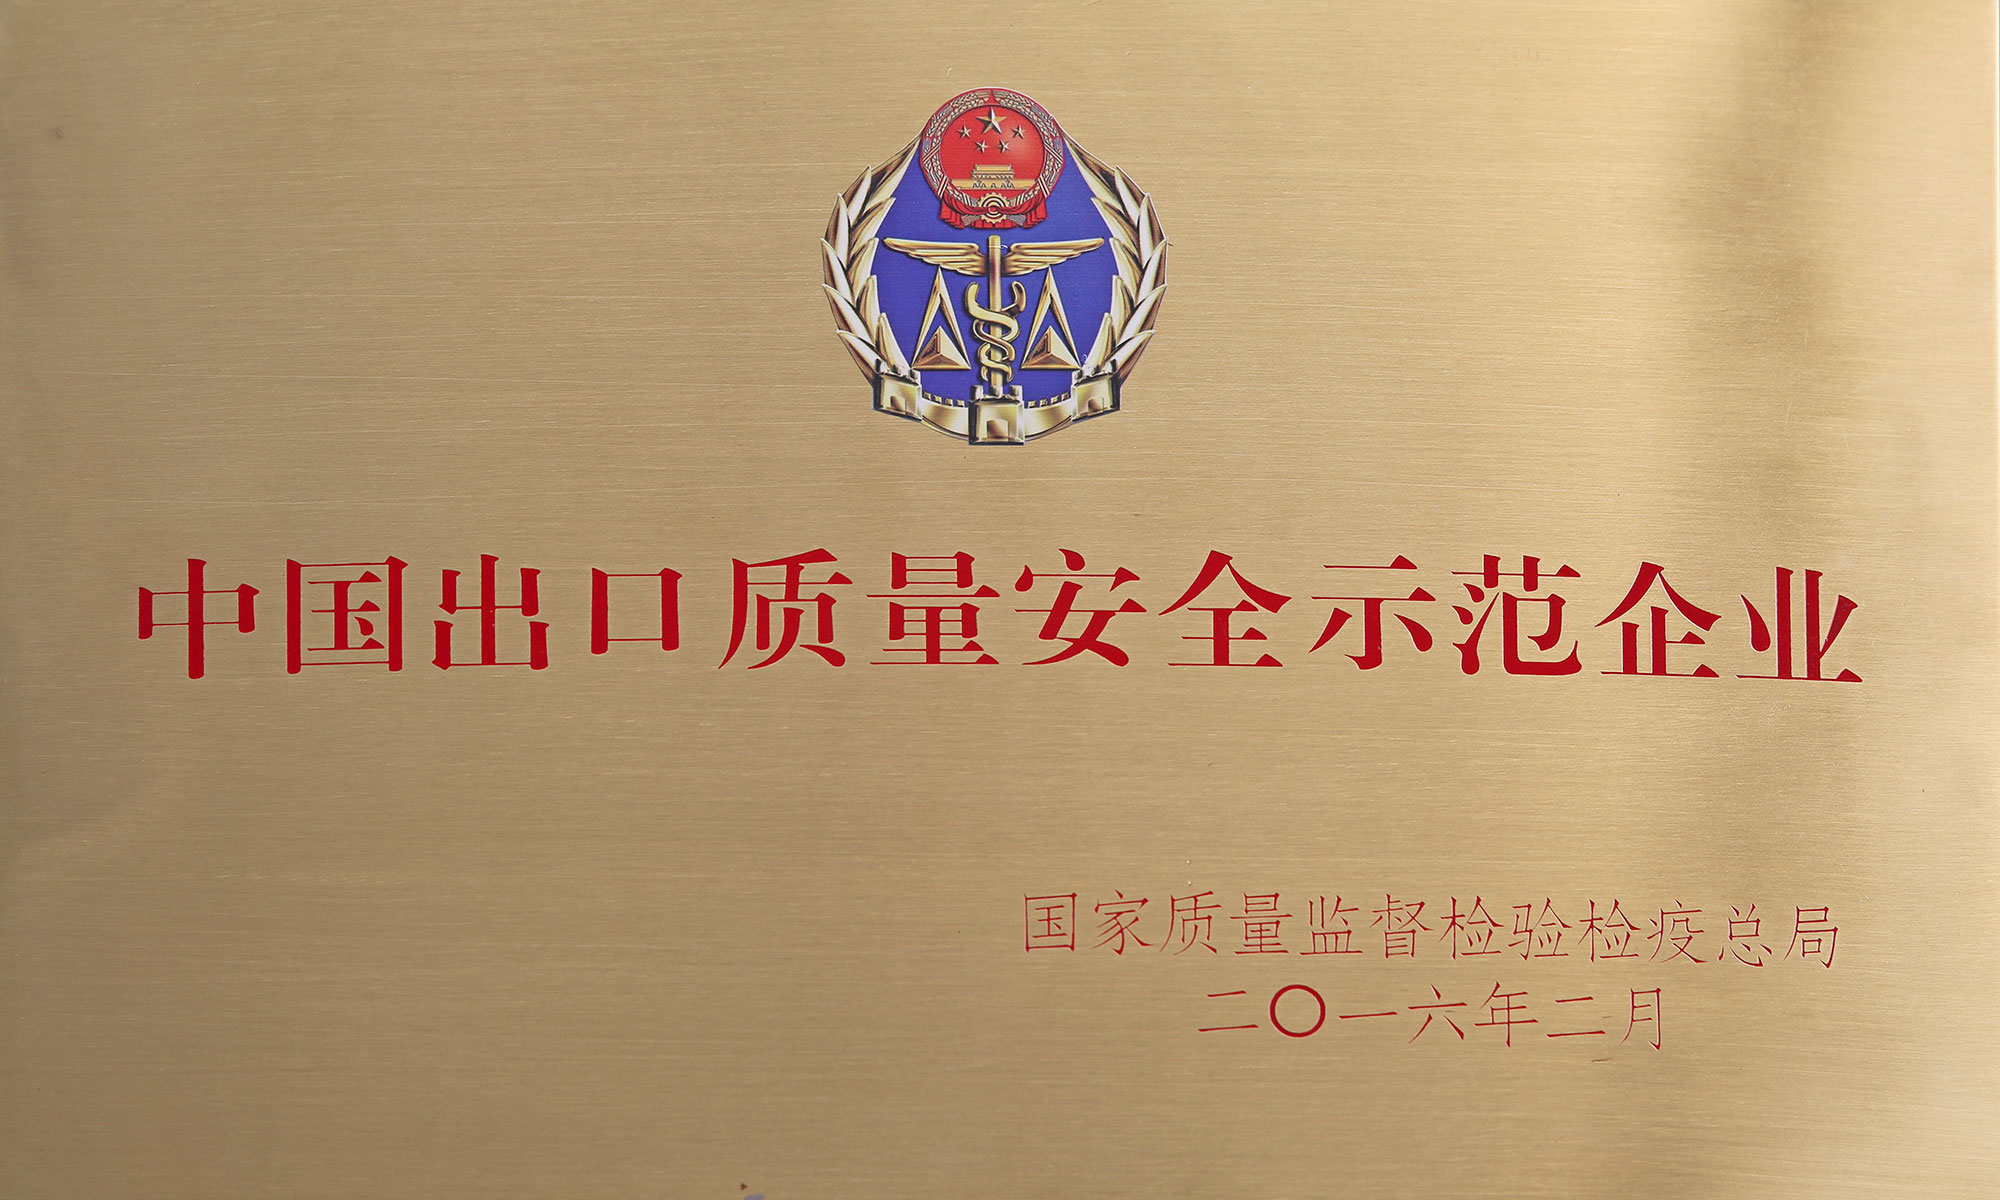 中国出口质量安全示范企业